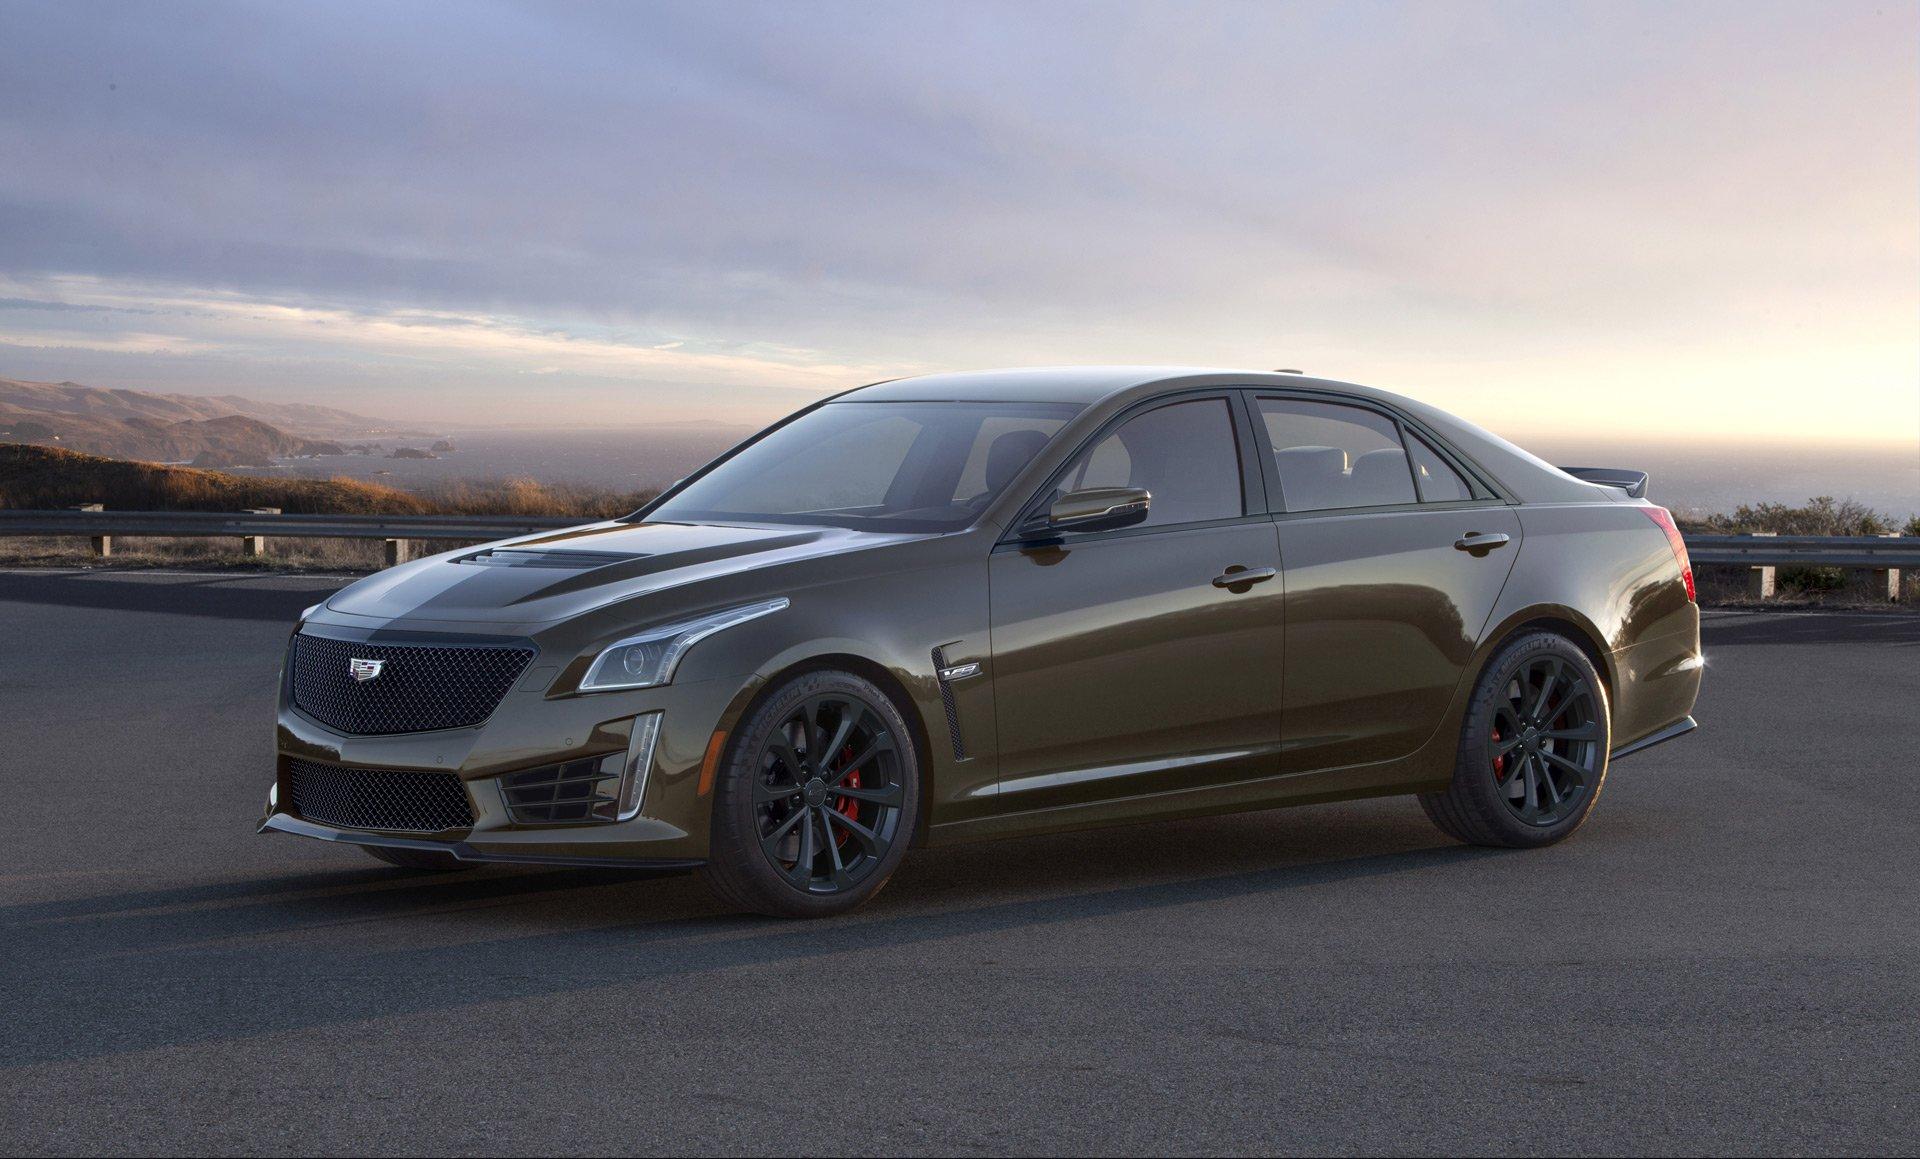 Компания дженерал моторс представила новый седан кадилак CT5